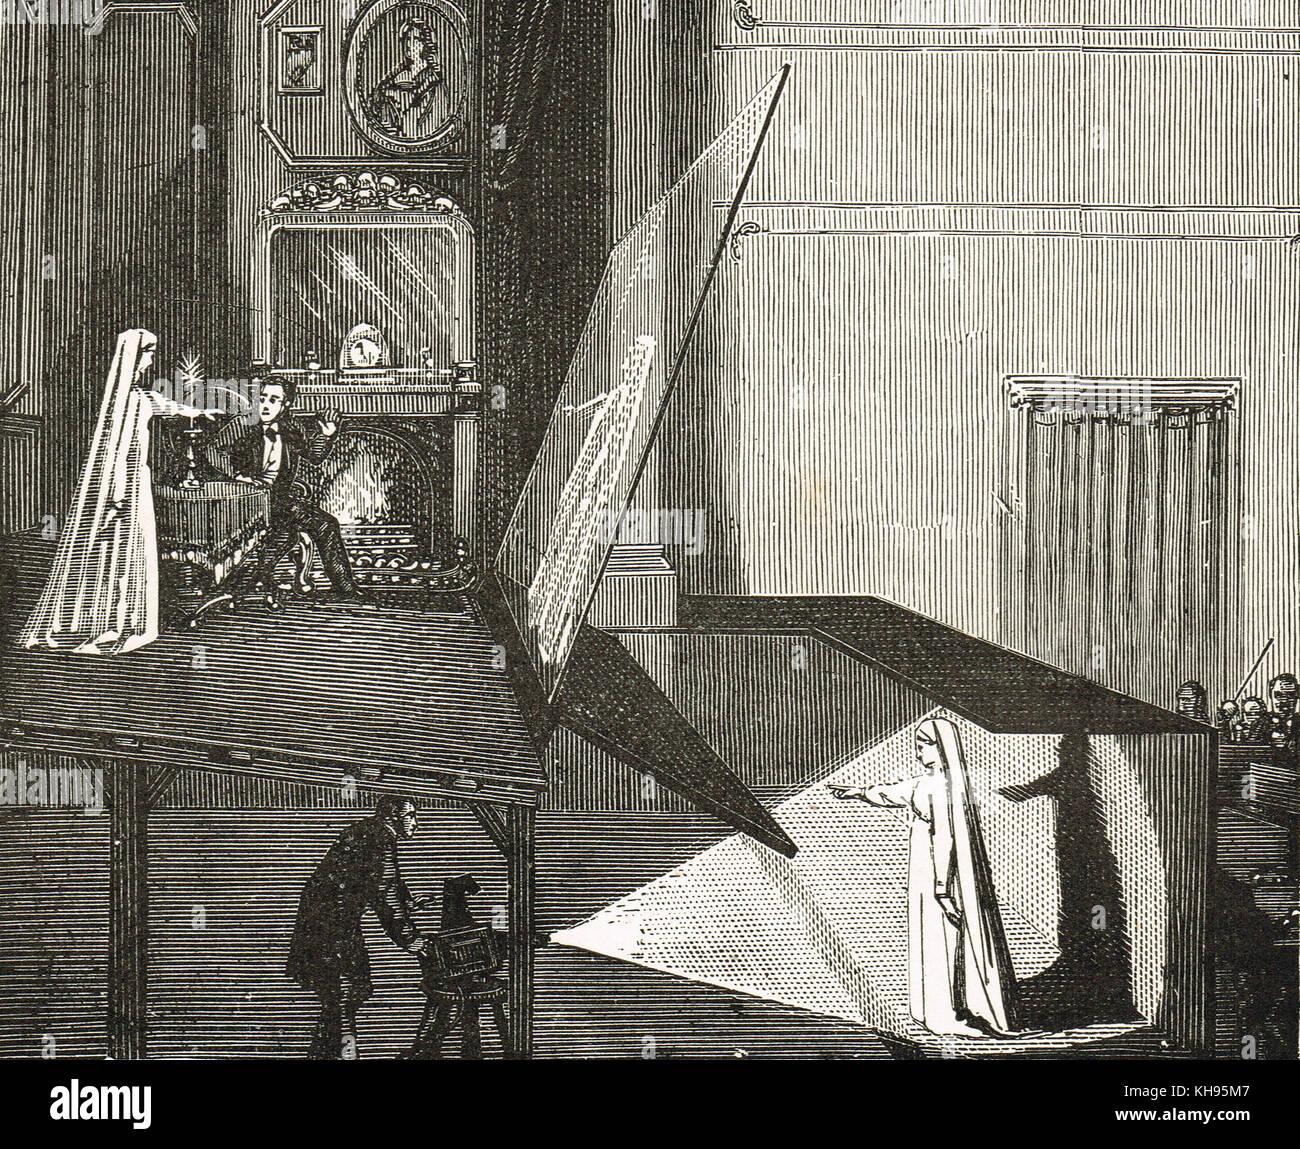 Pepe del fantasma, un illusione tecnica utilizzata nel teatro per fare un fantasma appaiono sul palco Immagini Stock